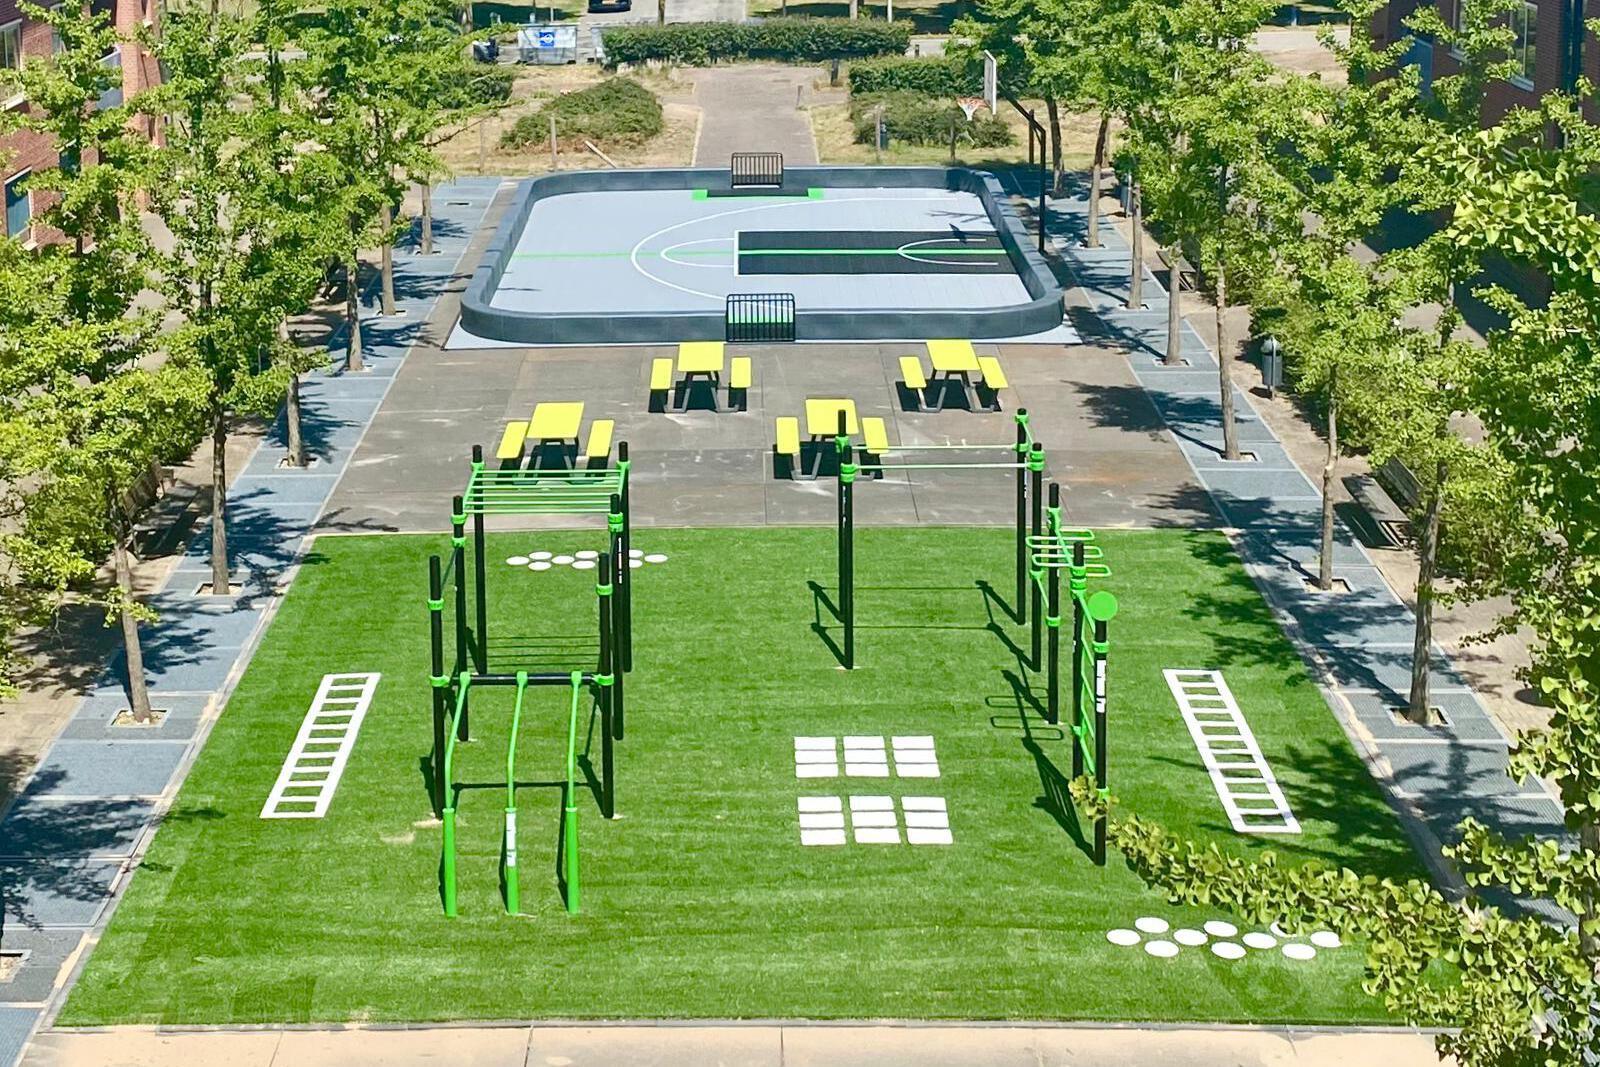 Stoere picknicktafels voor sportieve buitenruimte Oranjekazerne